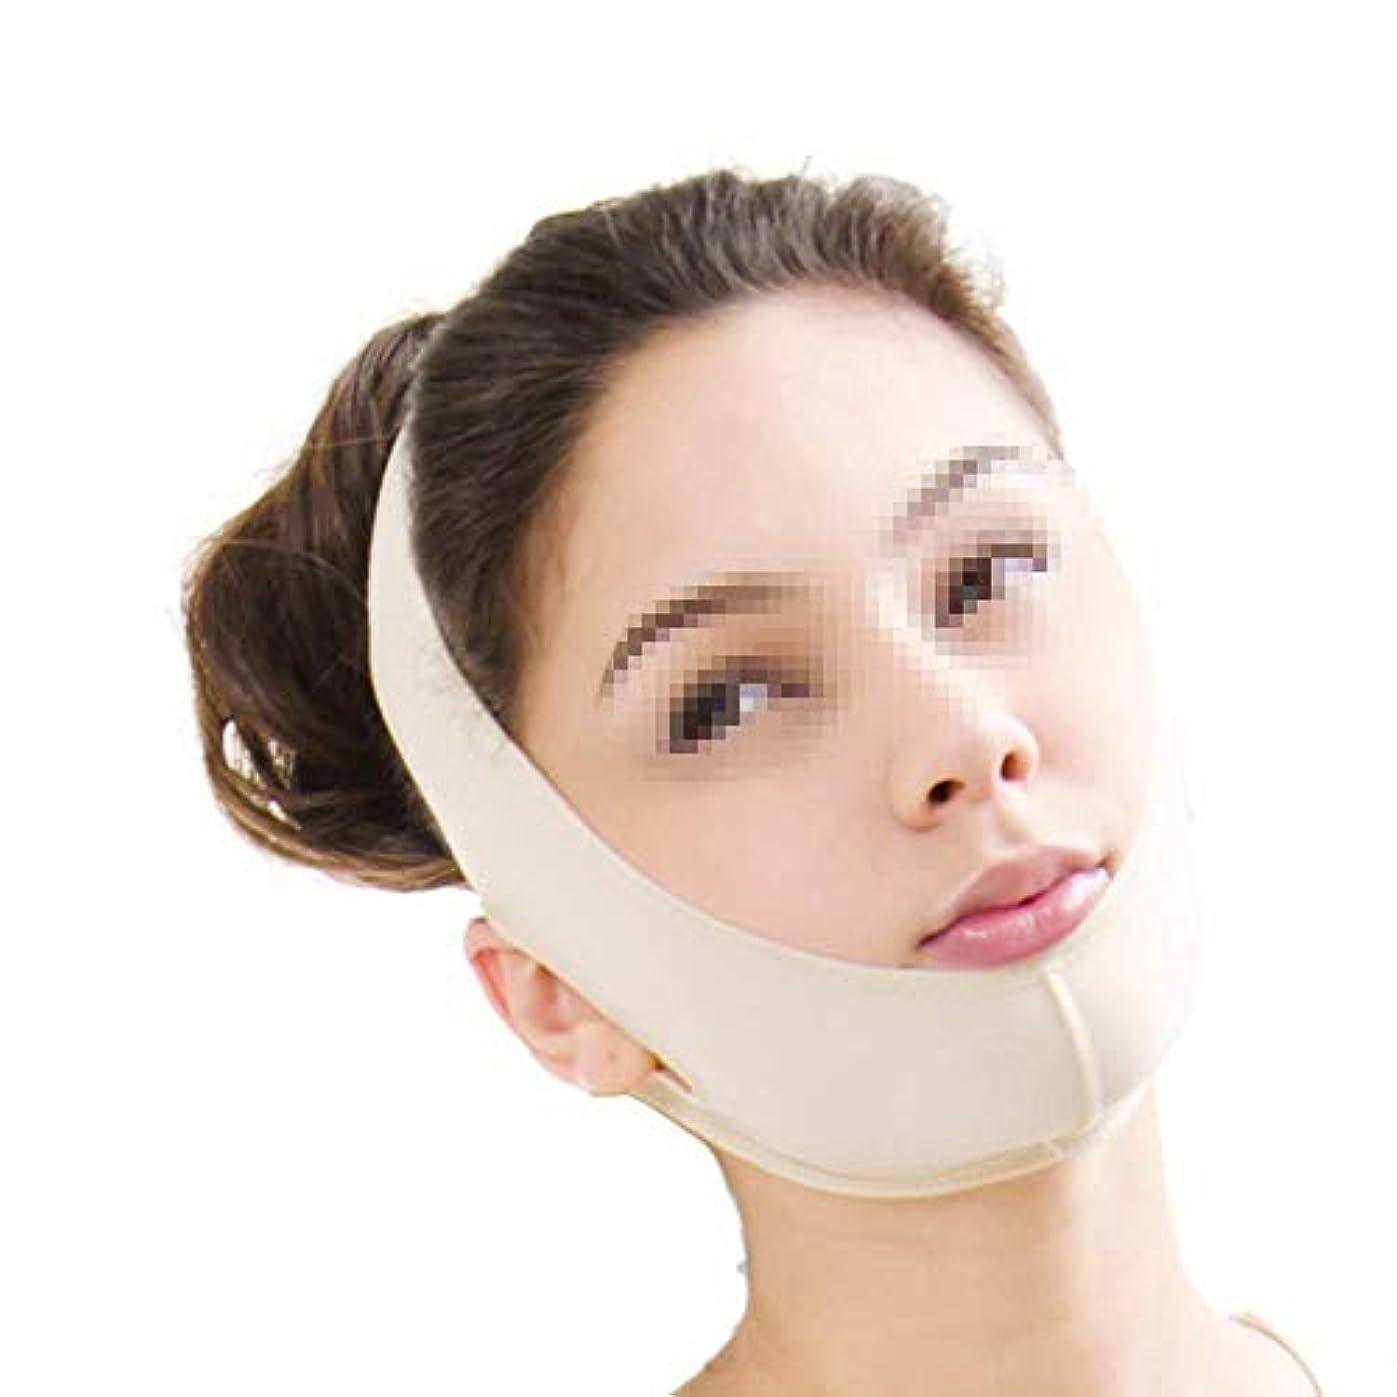 聴衆謙虚な荷物フェイスリフトマスク、圧縮後の顎顔面ダブルチン化粧品脂肪吸引小顔包帯弾性ヘッドギア(サイズ:Xl)